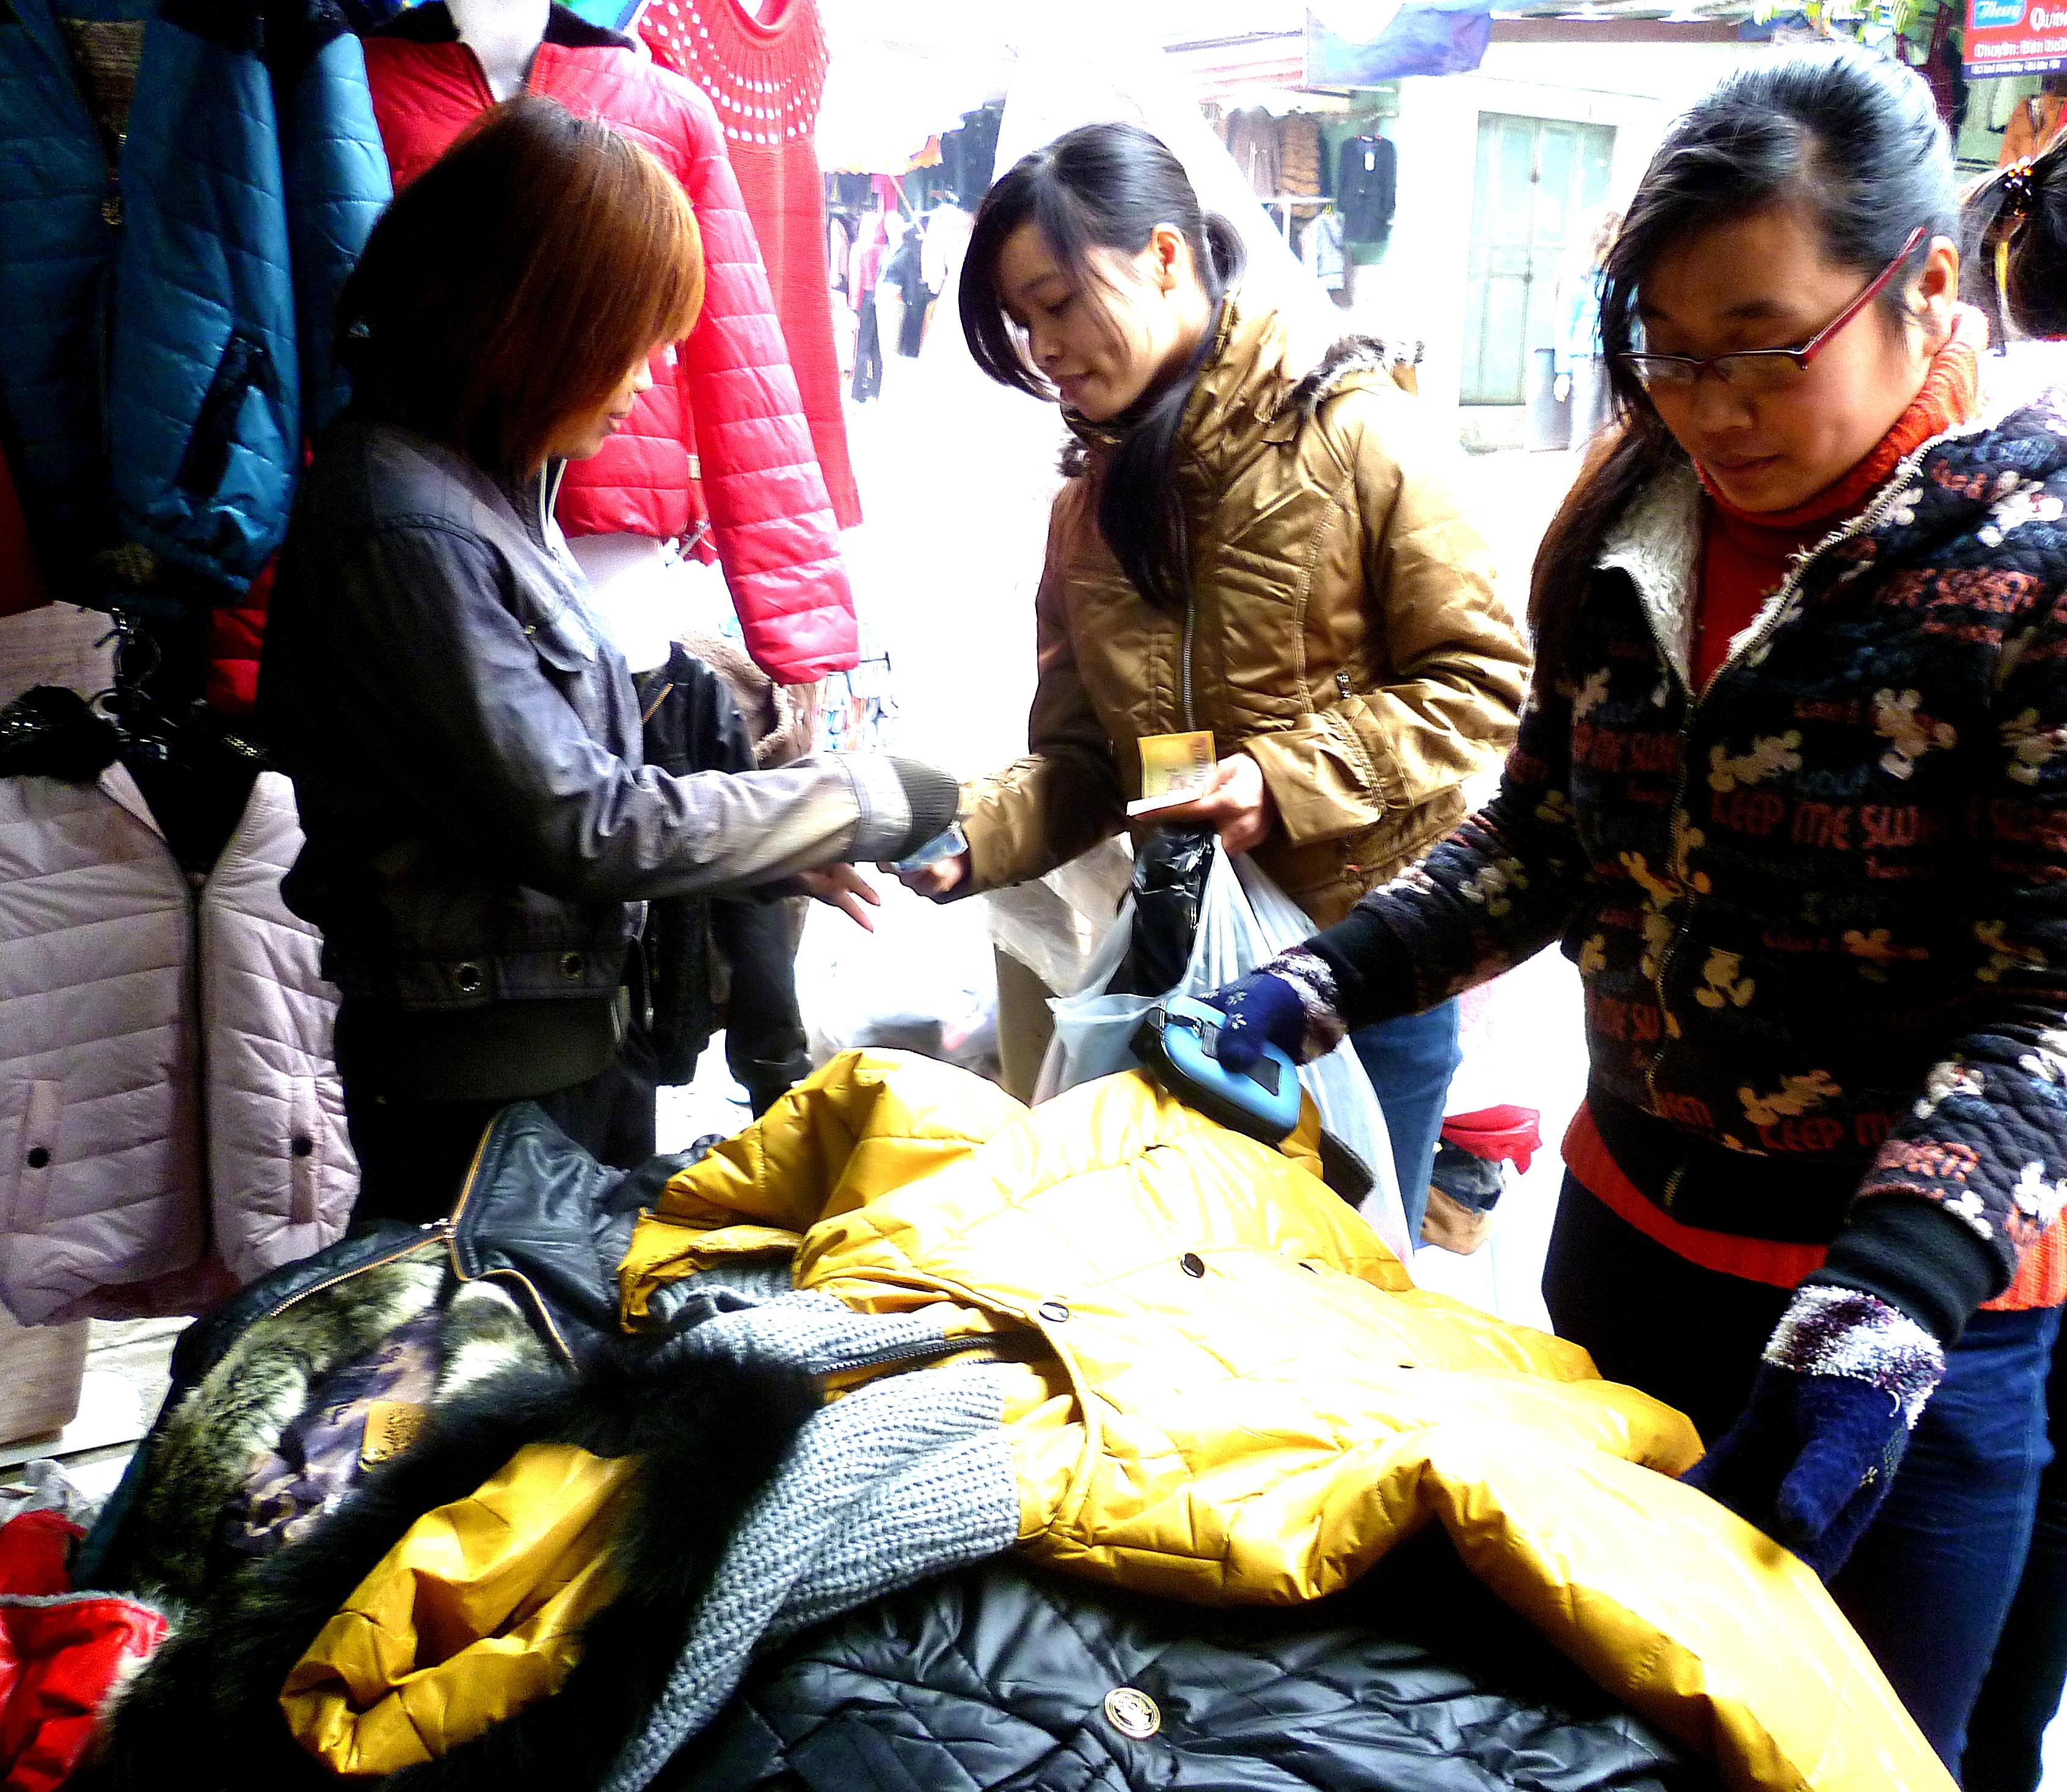 Hình ảnh Cuối năm: Vào chợ đầu mối, săn quần áo giá rẻ số 1